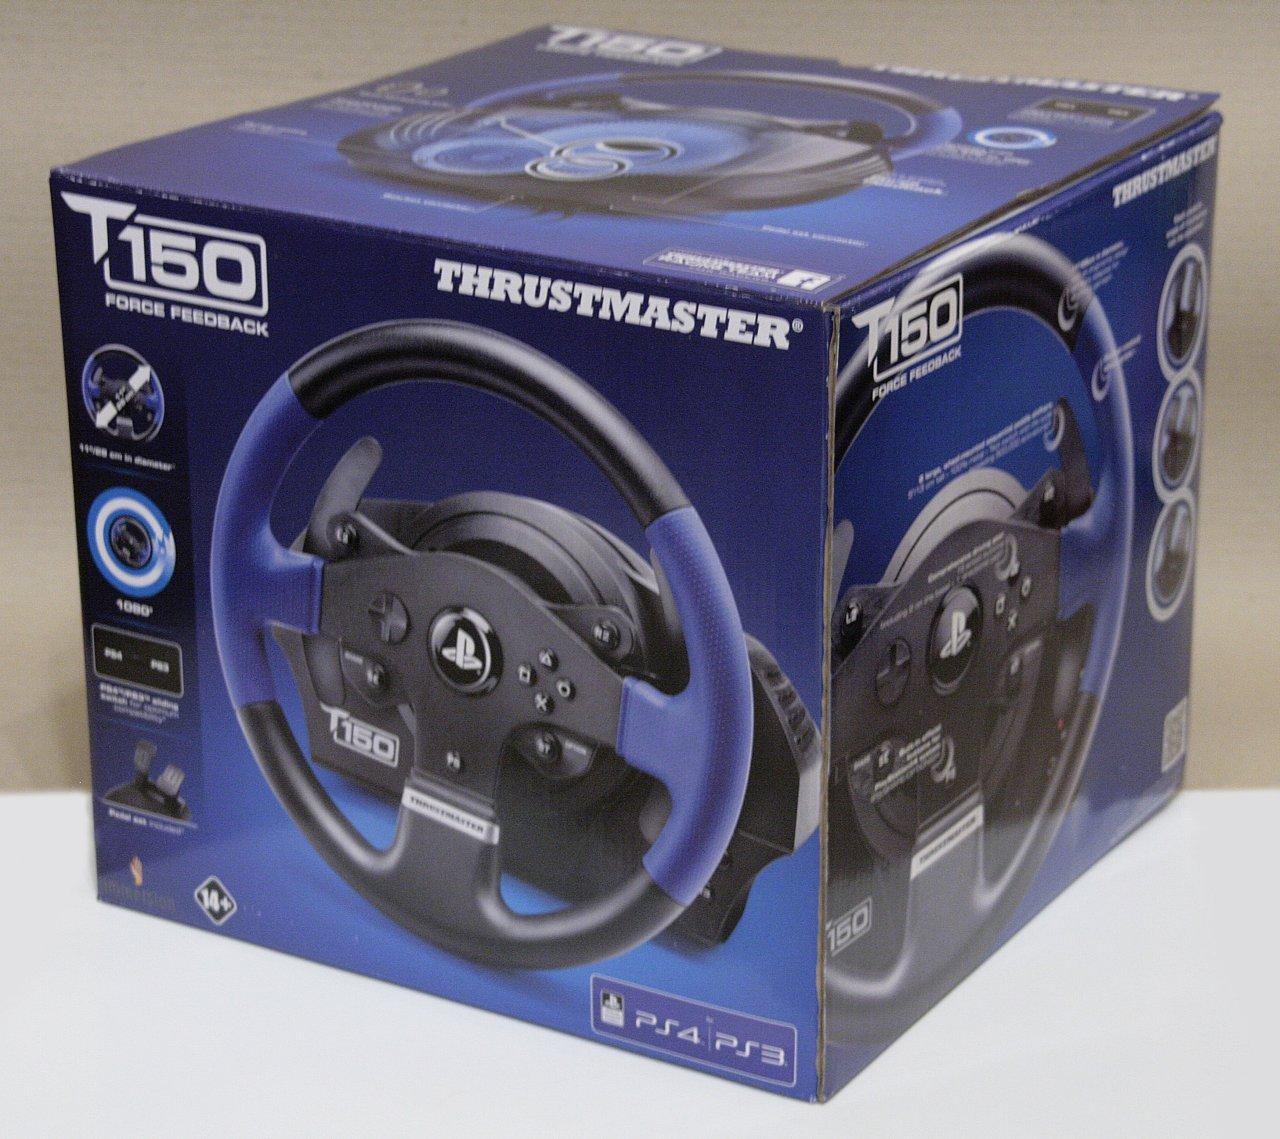 20151026_thrustmaster-t150_012